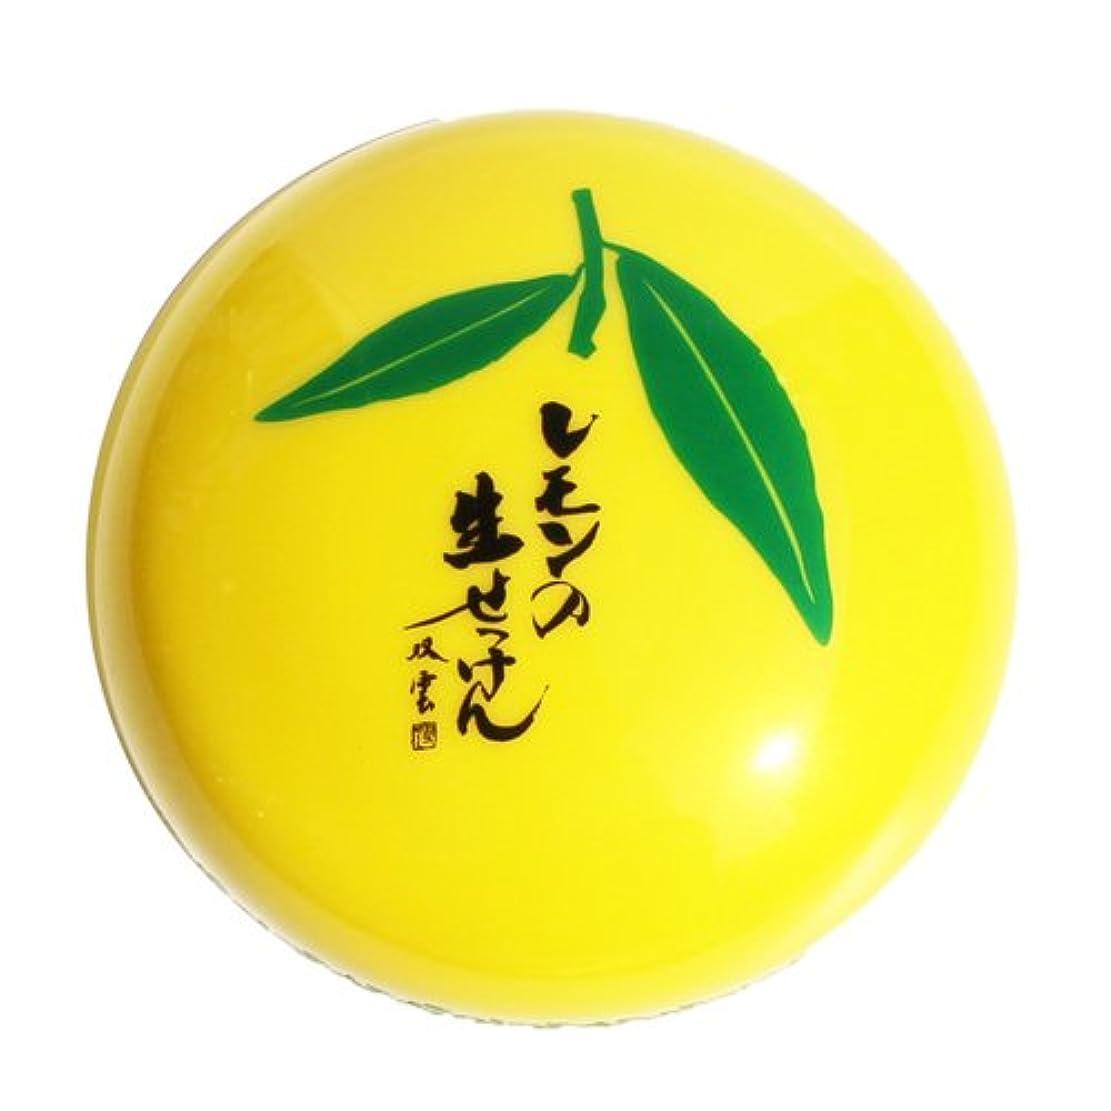 フラグラント厄介な危険を冒します美香柑 レモンの生せっけん 120g